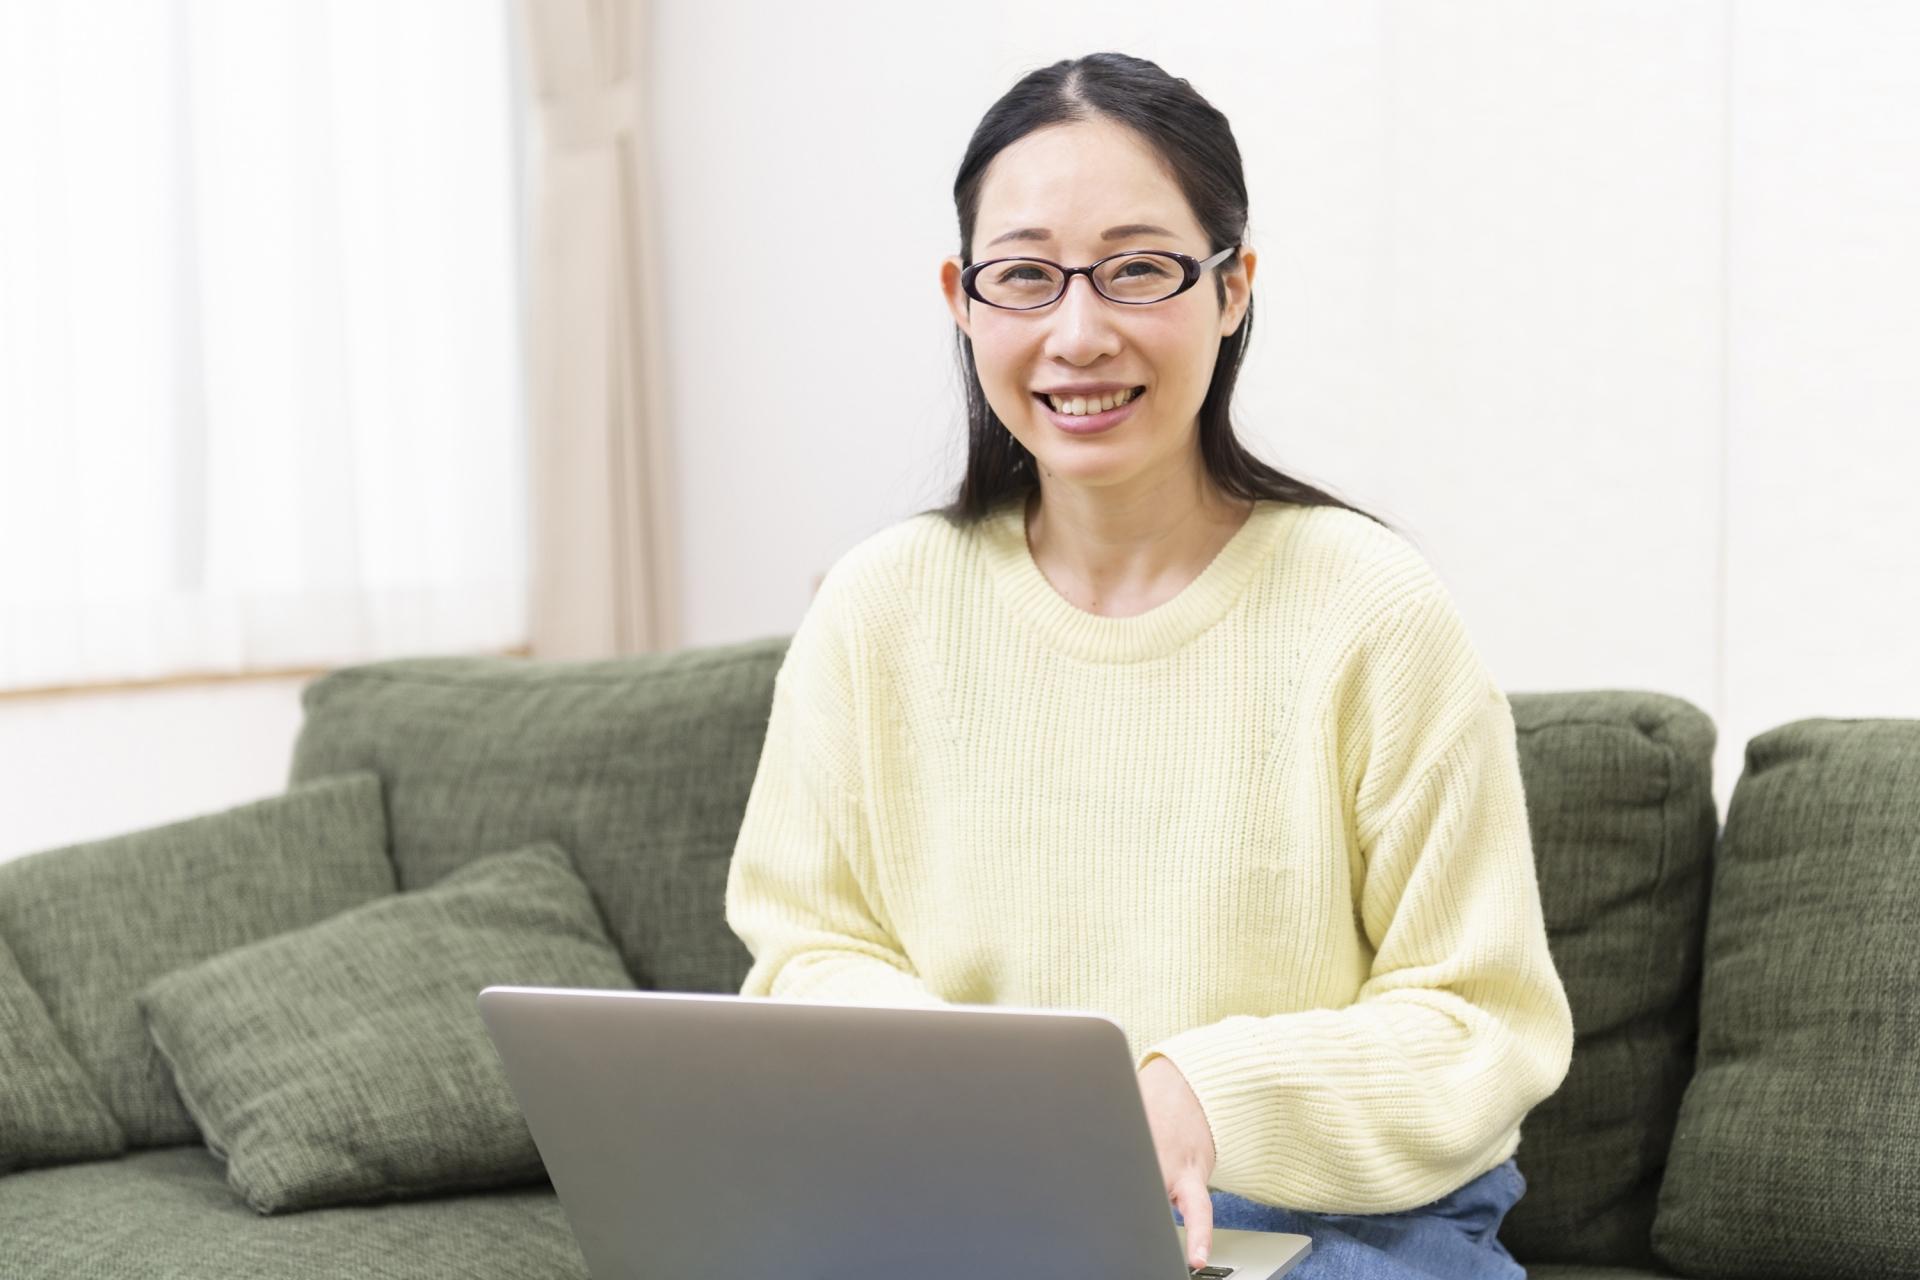 パソコンを触っている、眼鏡をかけた笑顔の女性